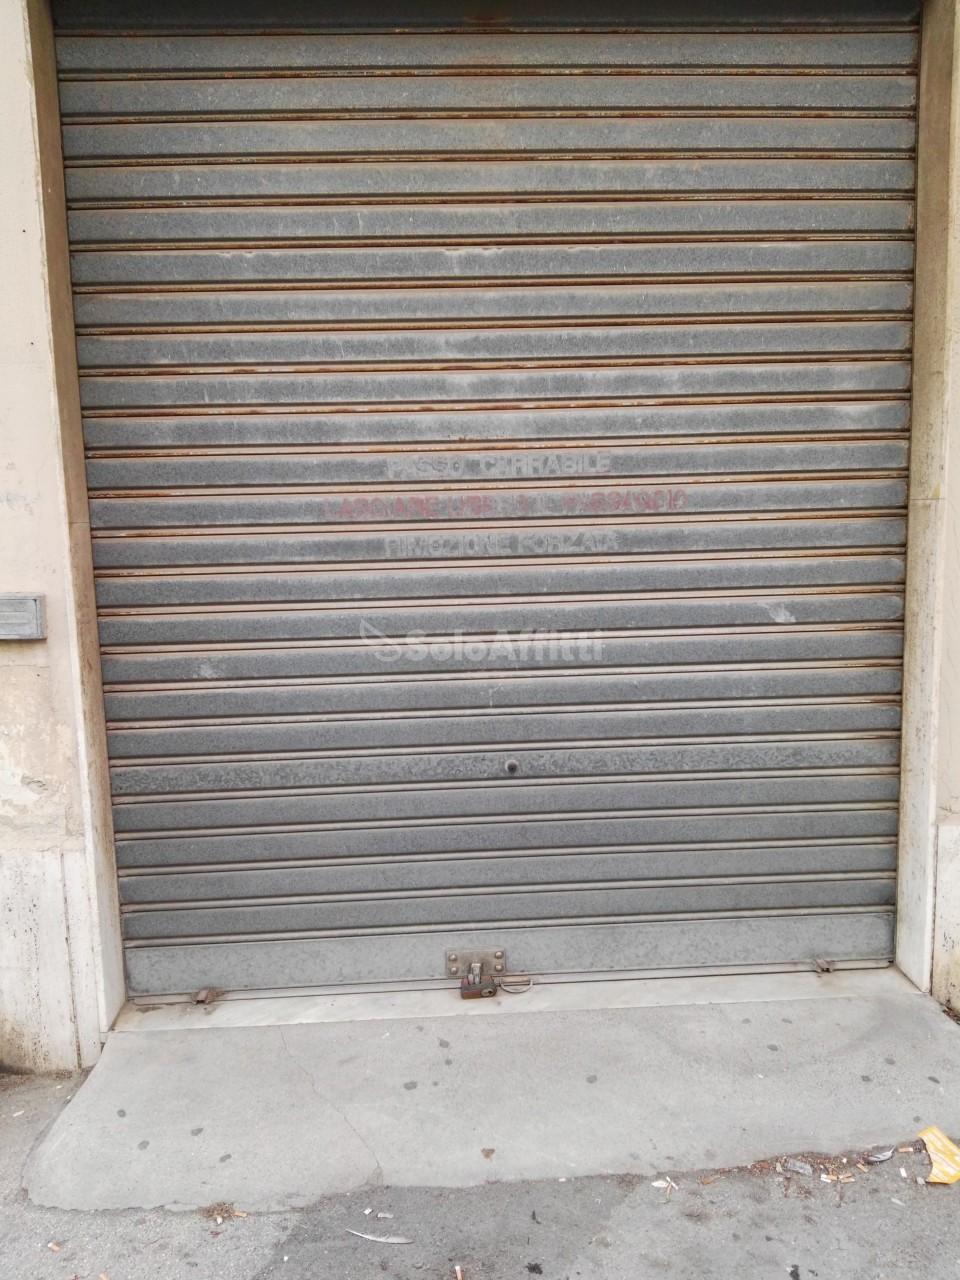 Deposito a Santa Panagia, Siracusa